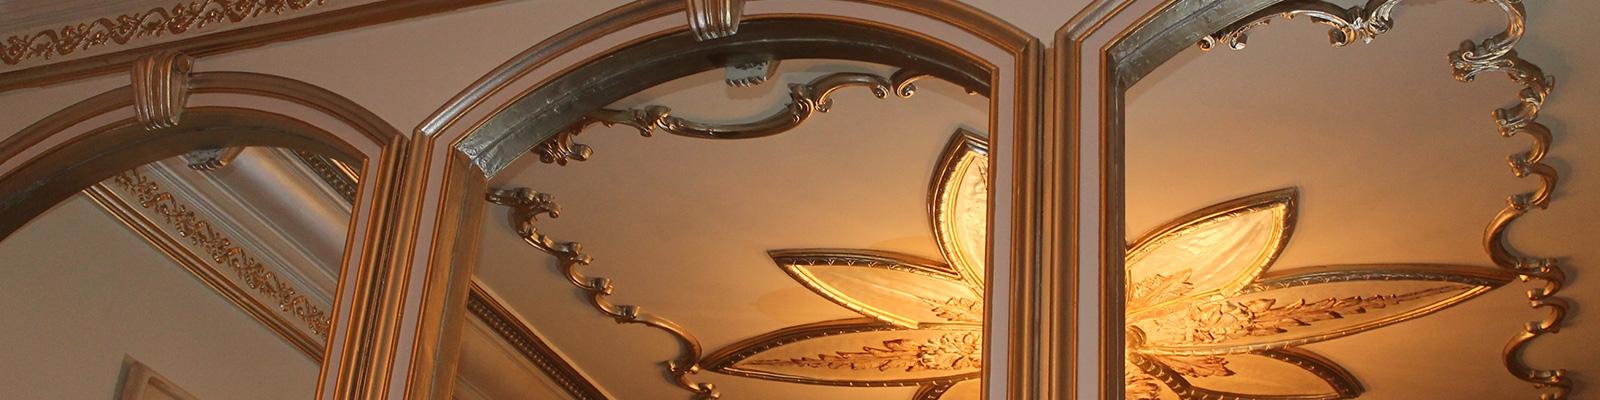 Συνδυάζοντας εμπειρία και τεχνογνωσία, τα έργα της ΓΥΨΟΝΤΕΚΟΡ χαρακτηρίζονται από άριστη ποιότητα και αξιοπιστία.